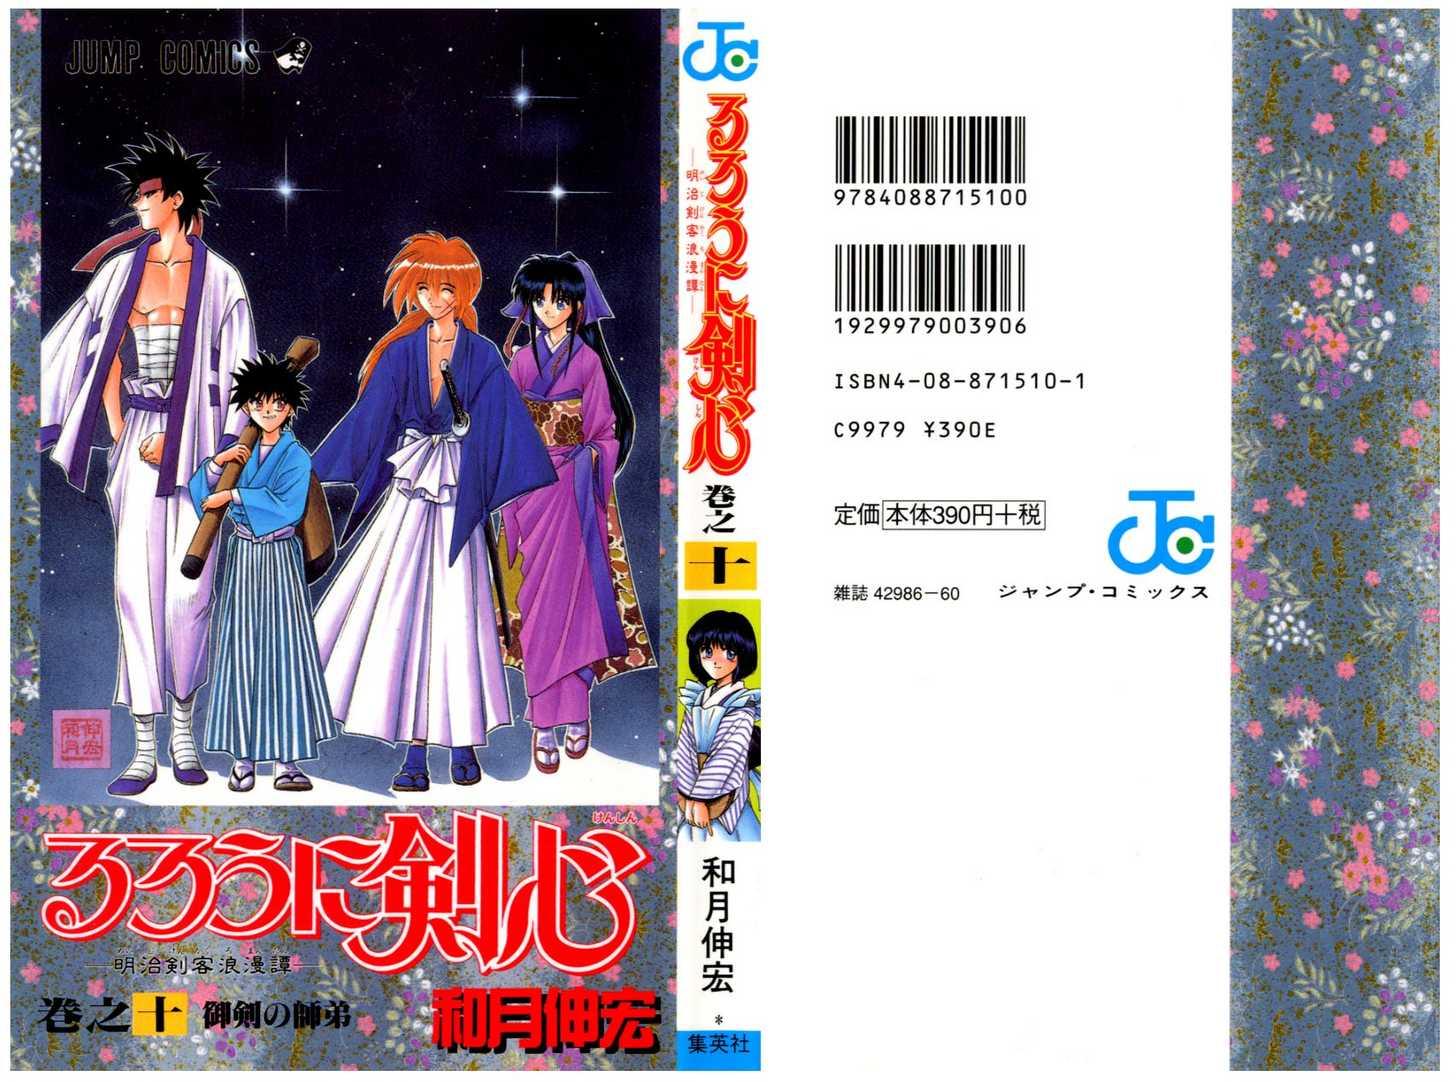 Rurouni Kenshin 76 Page 1